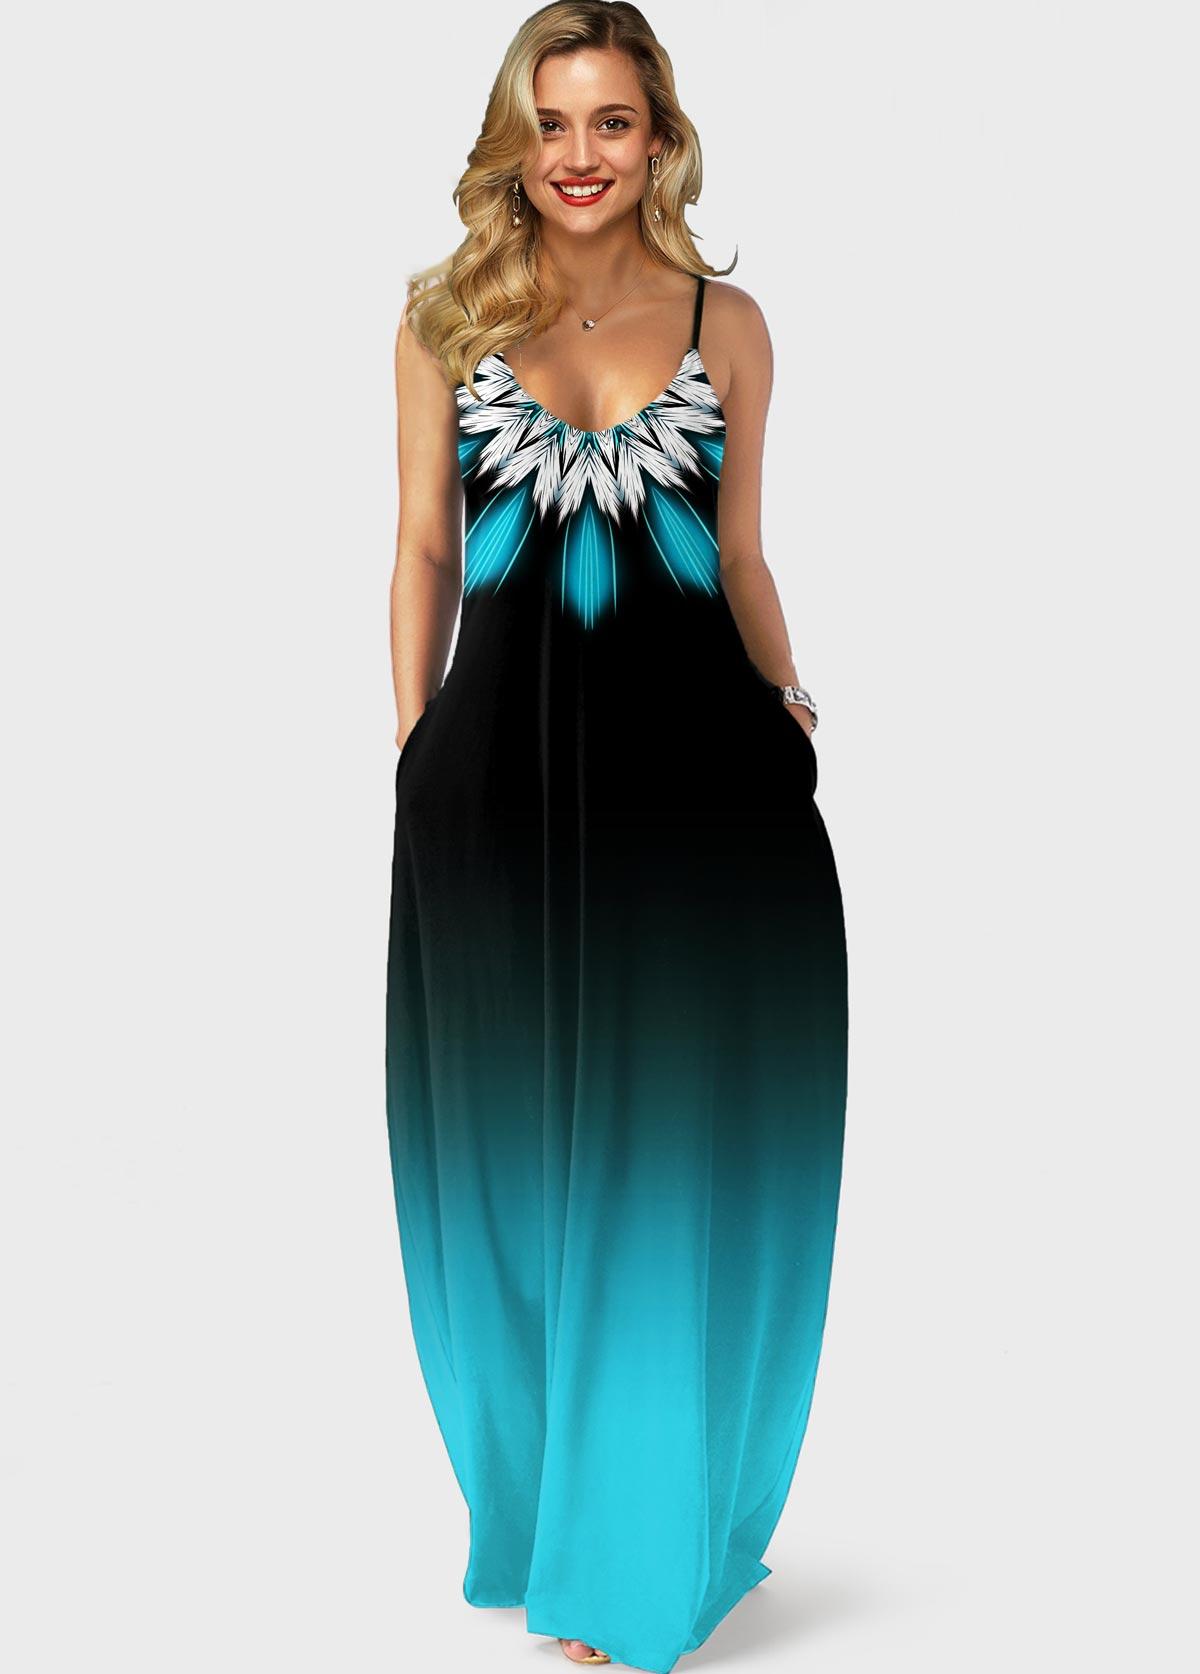 ROTITA Gradient Spaghetti Strap Tribal Print Pocket Maxi Dress